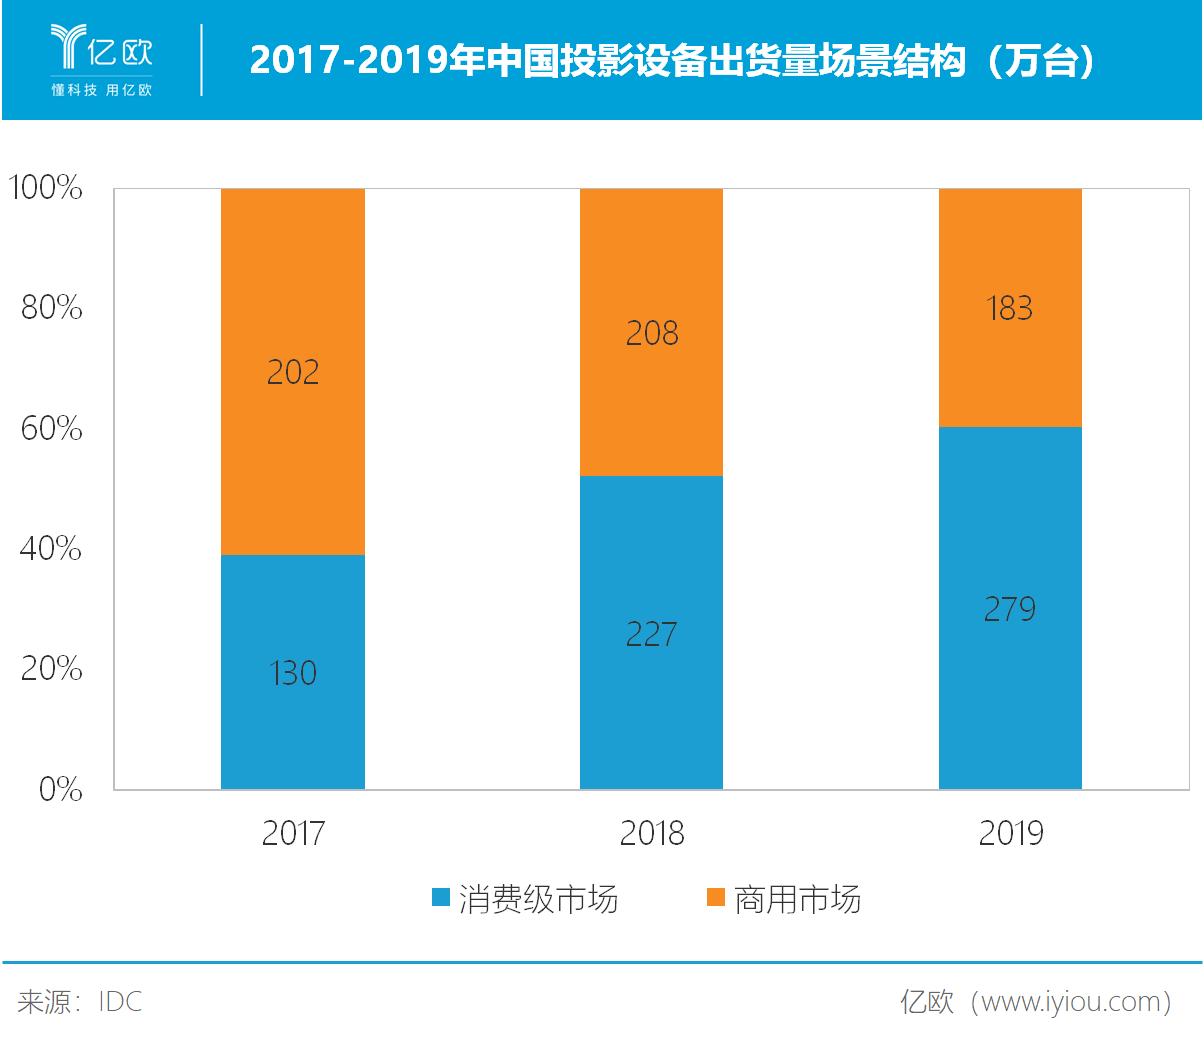 2017-2019年中国投影设备出货量场景结构